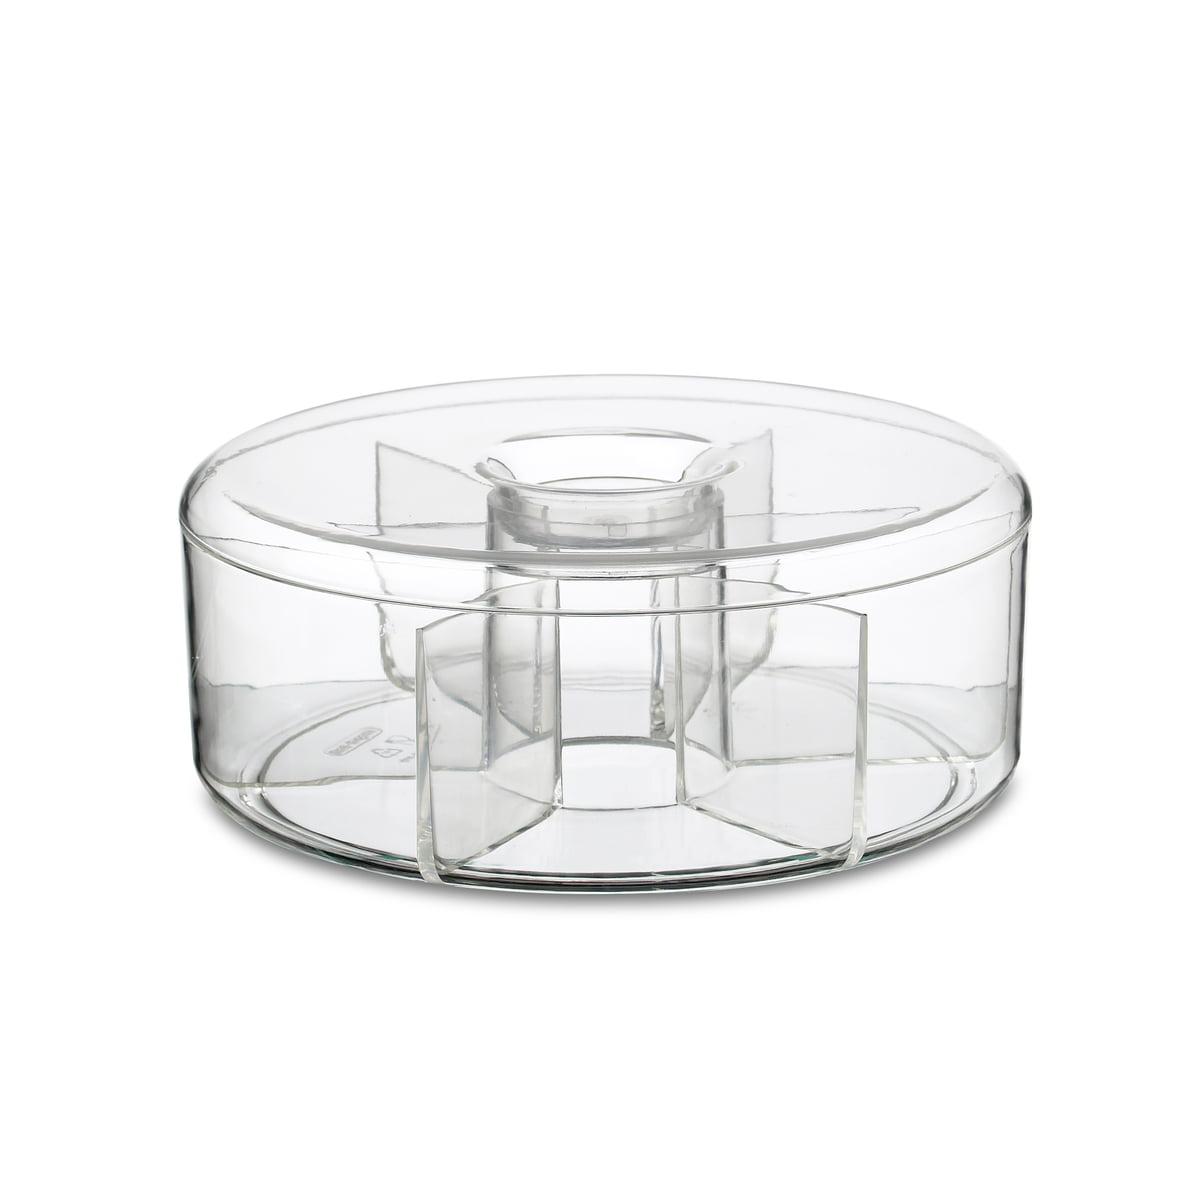 Rosti Mepal - Runde Vorratsdose für Teebeutel | Küche und Esszimmer | Transparent | Acryl | Rosti Mepal